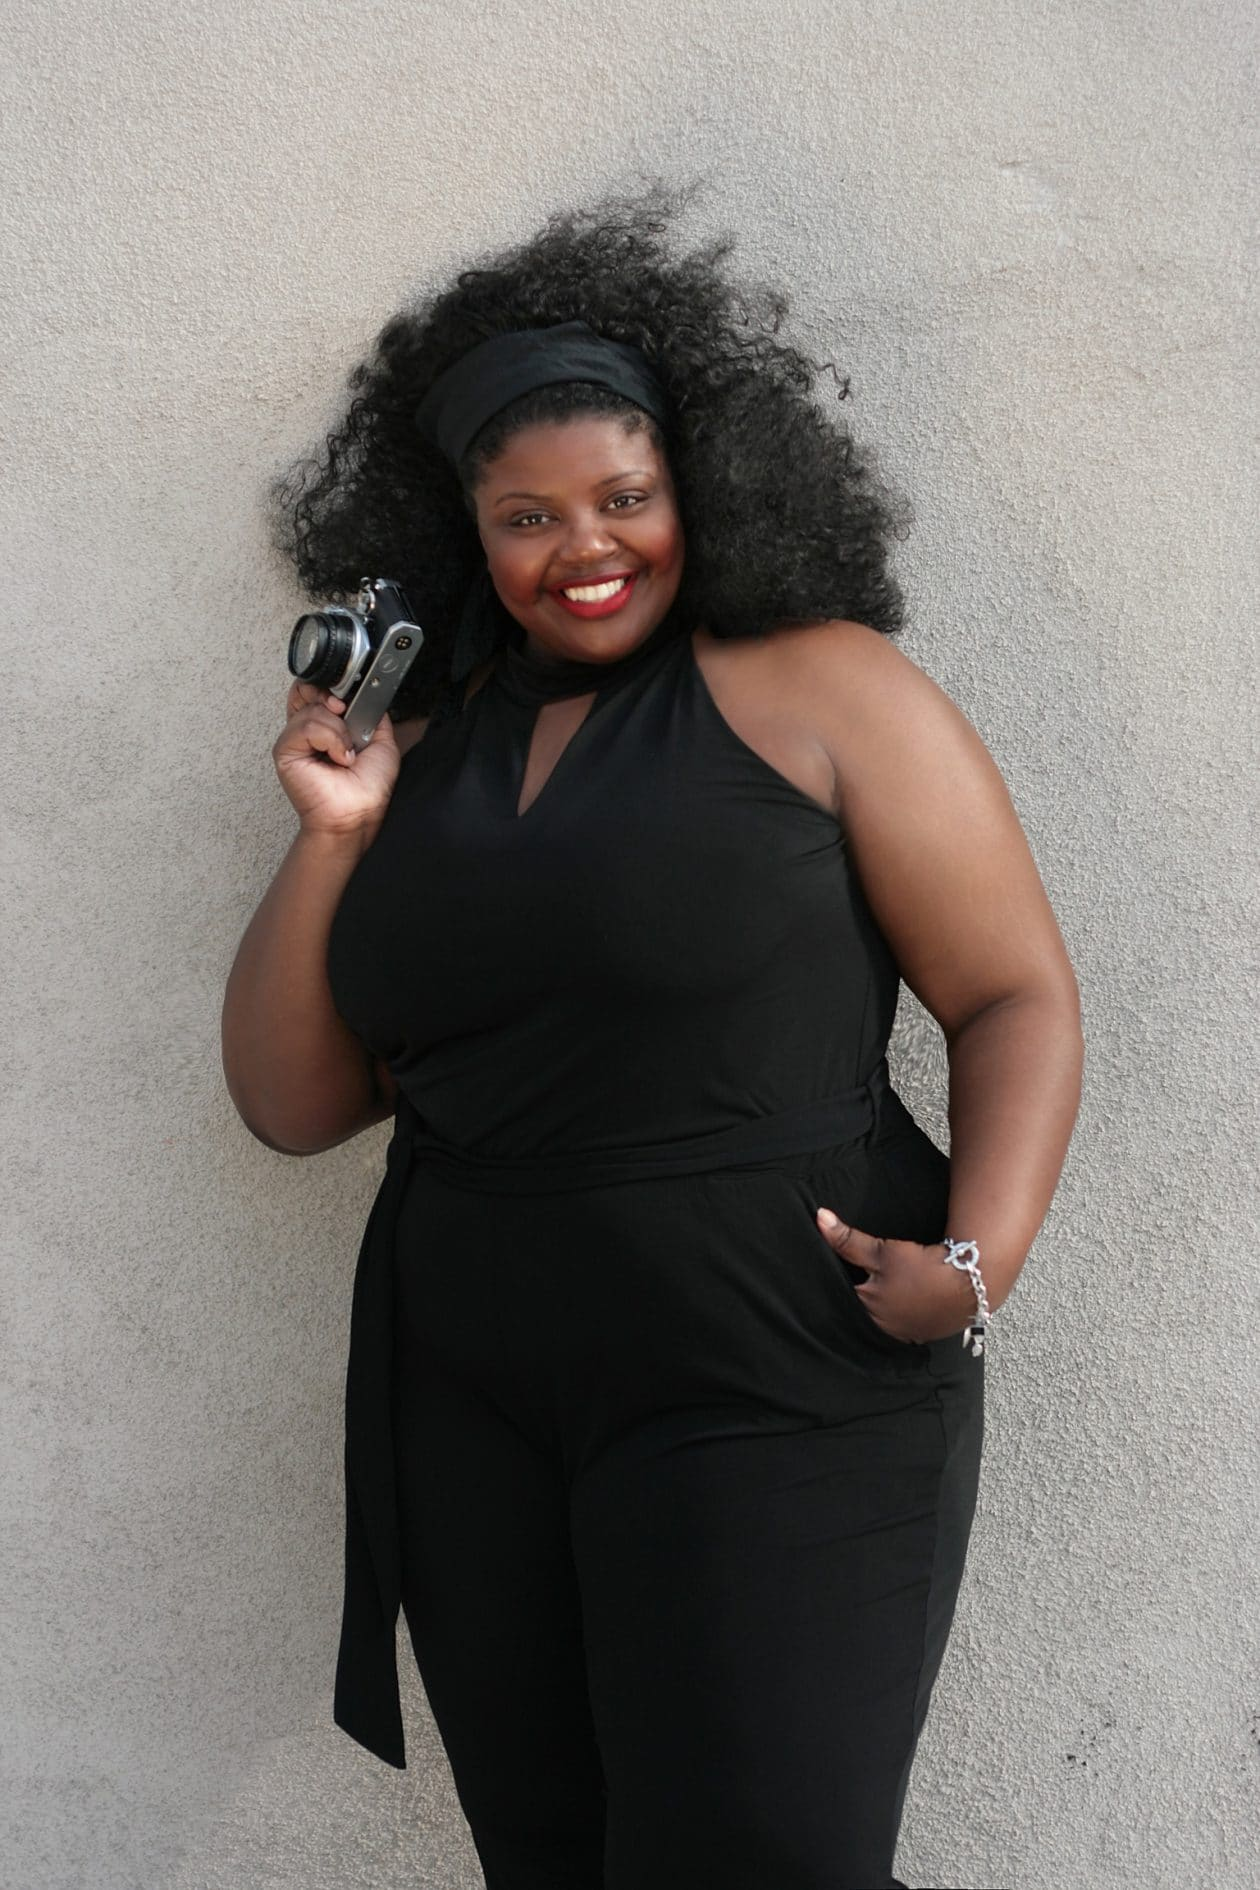 Fashion Photographer, Itaysha Jordan